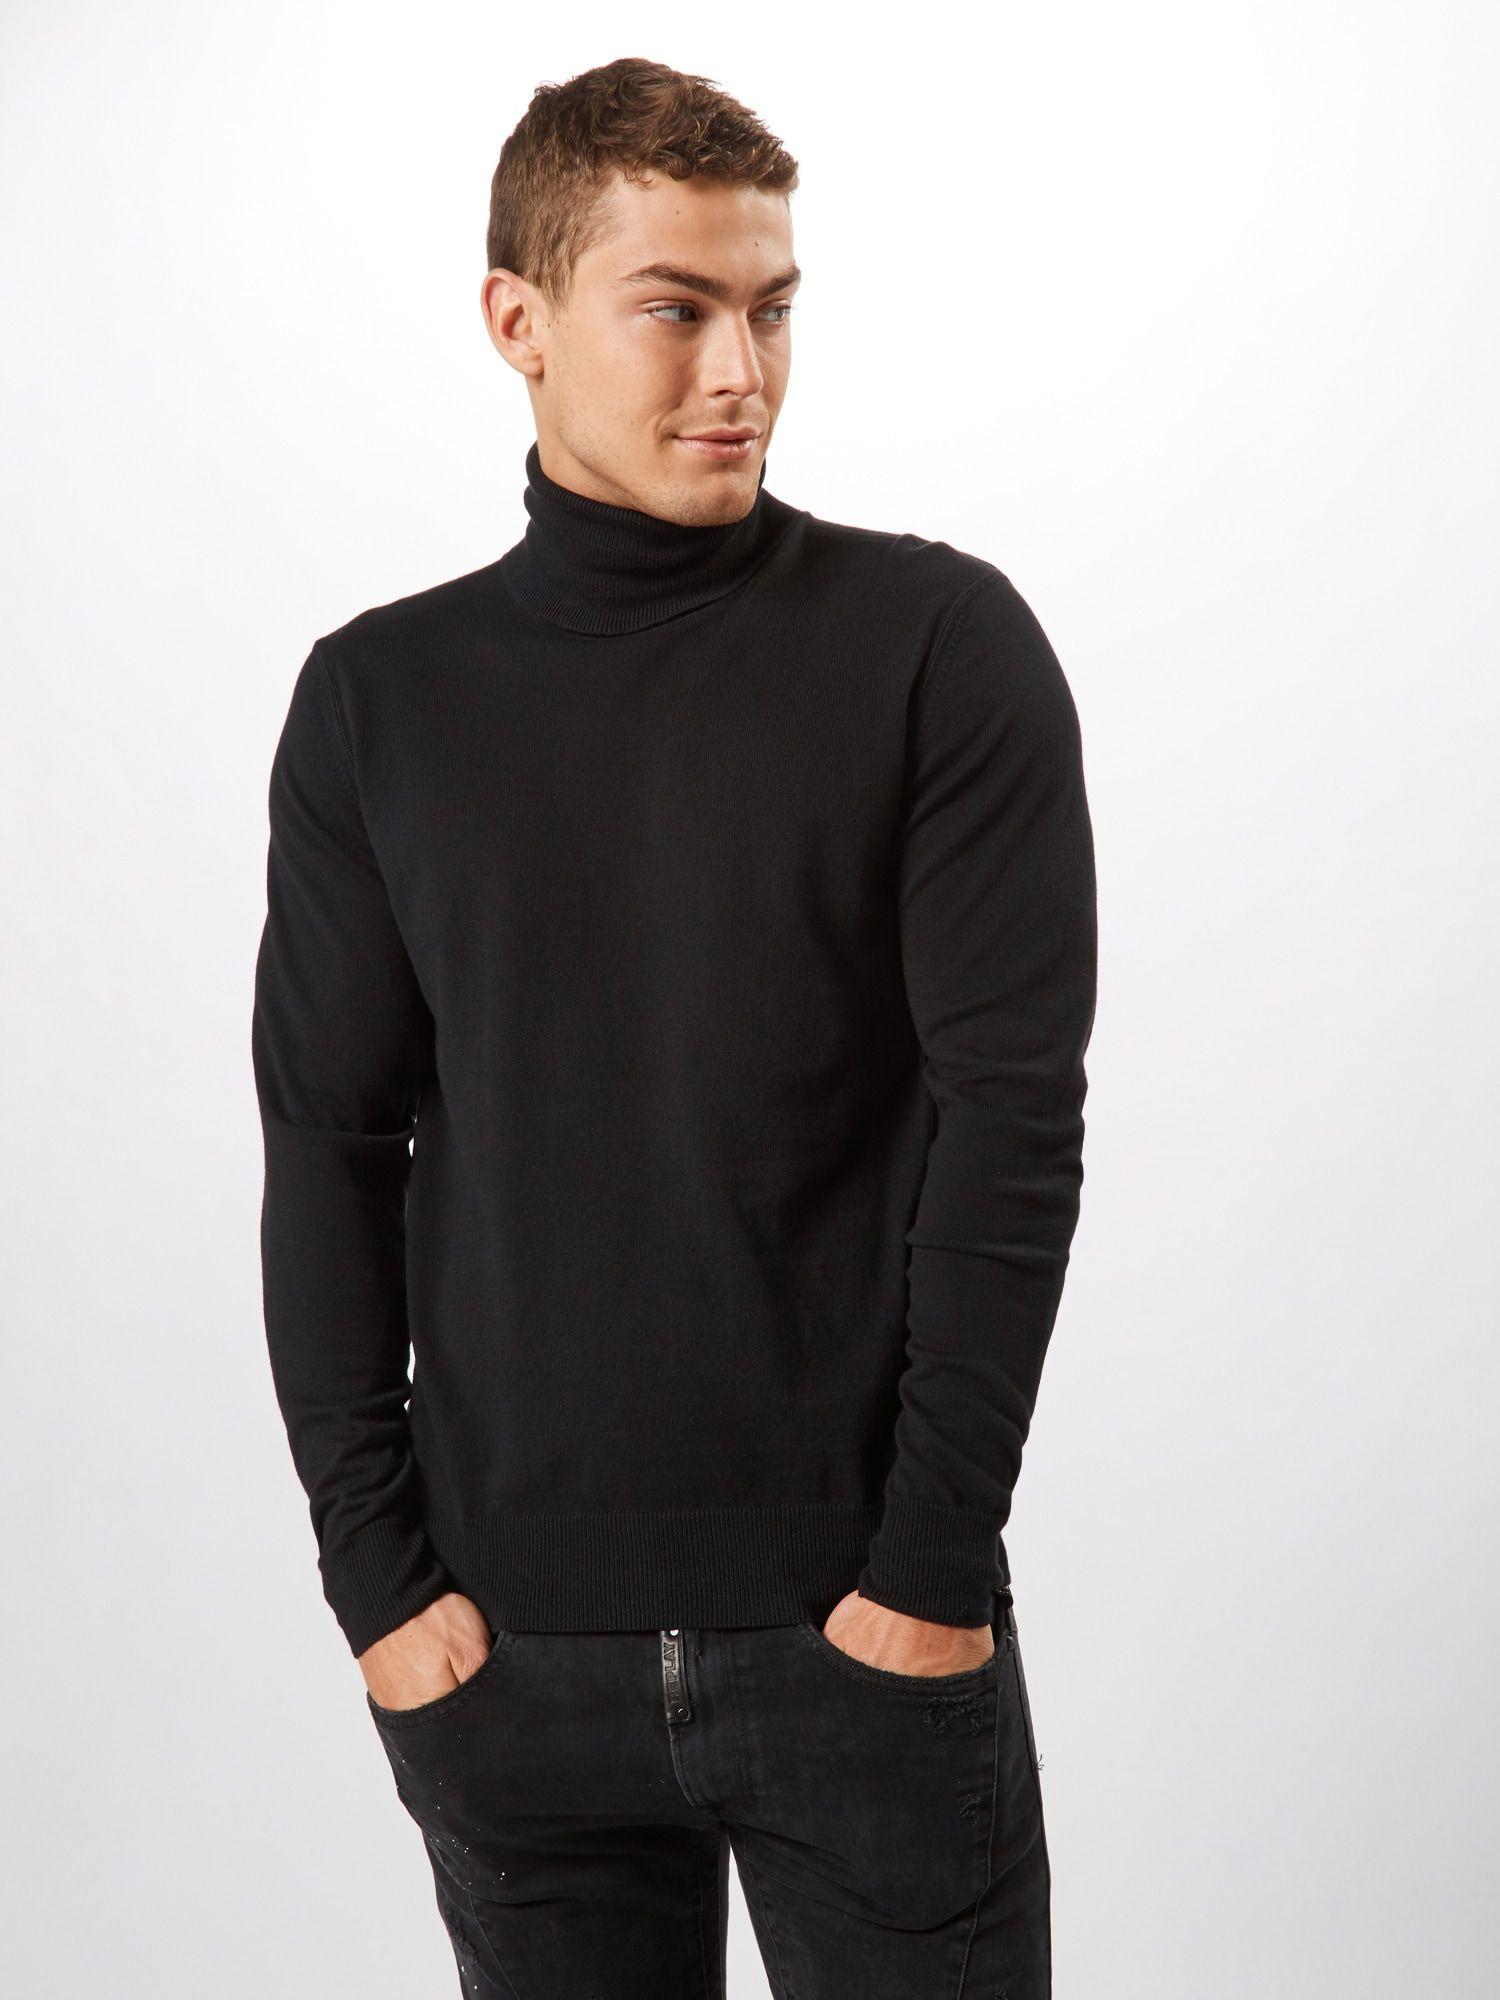 REPLAY Pullover 'Masche' Herren, Schwarz, Größe XL